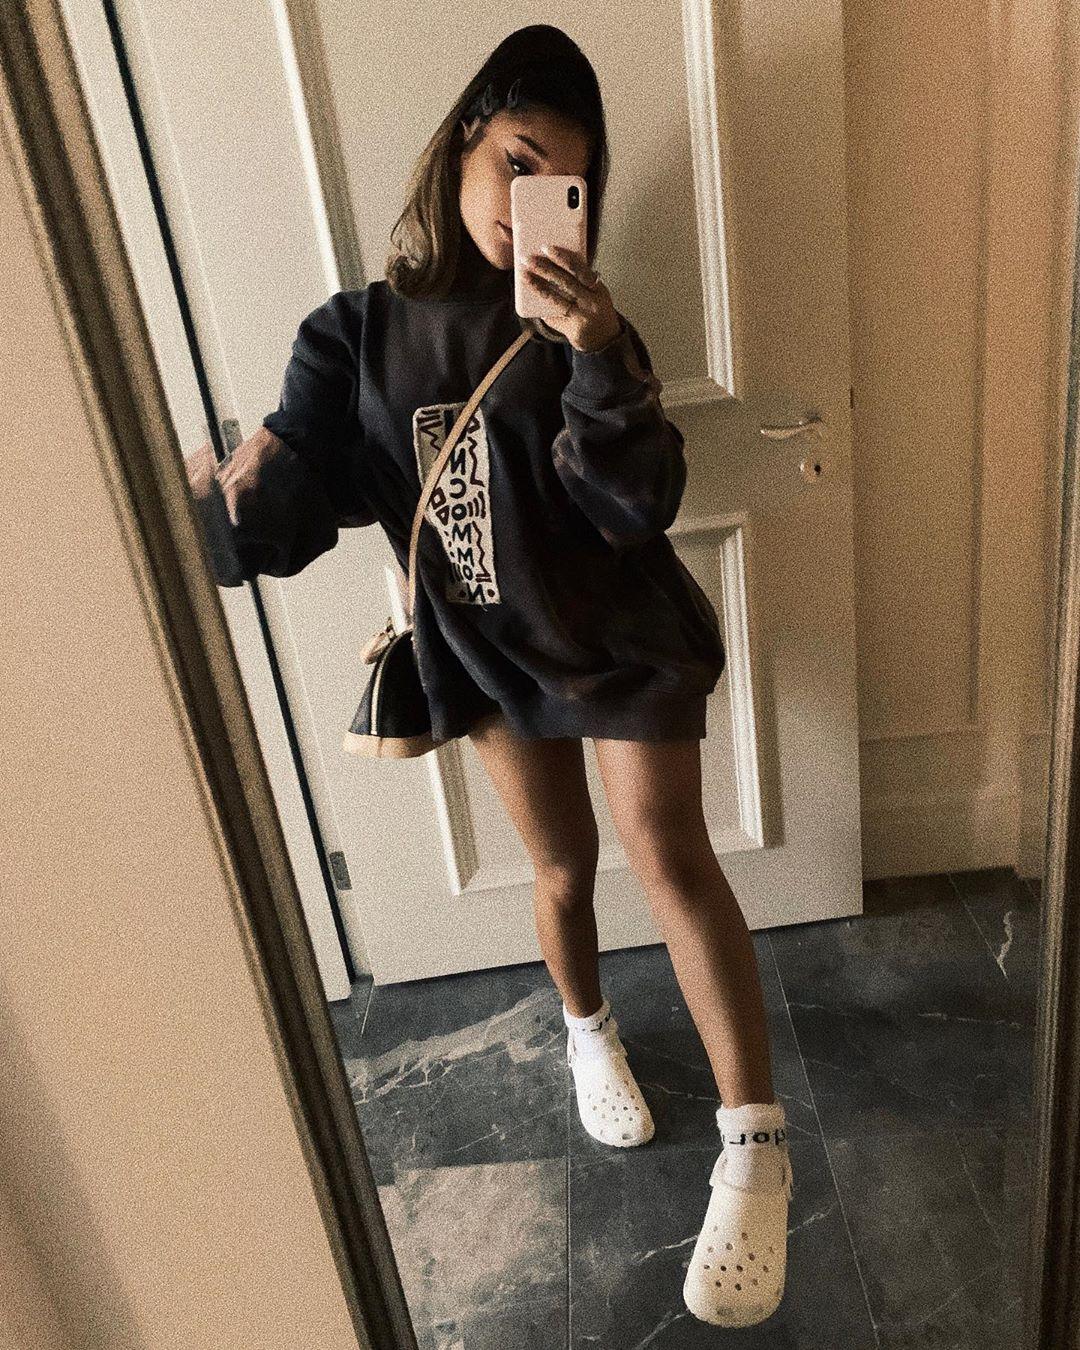 """Ngày 10/9 vừa qua, cô ca sĩ Ariana Grande đã đăng ảnh selfie trong bộ trang phục """"đậm chất"""" VSCO girl lên Instagram. Trong hình, cô diện áo oversize và đặc biệt là giày Crocs cùng vớ."""